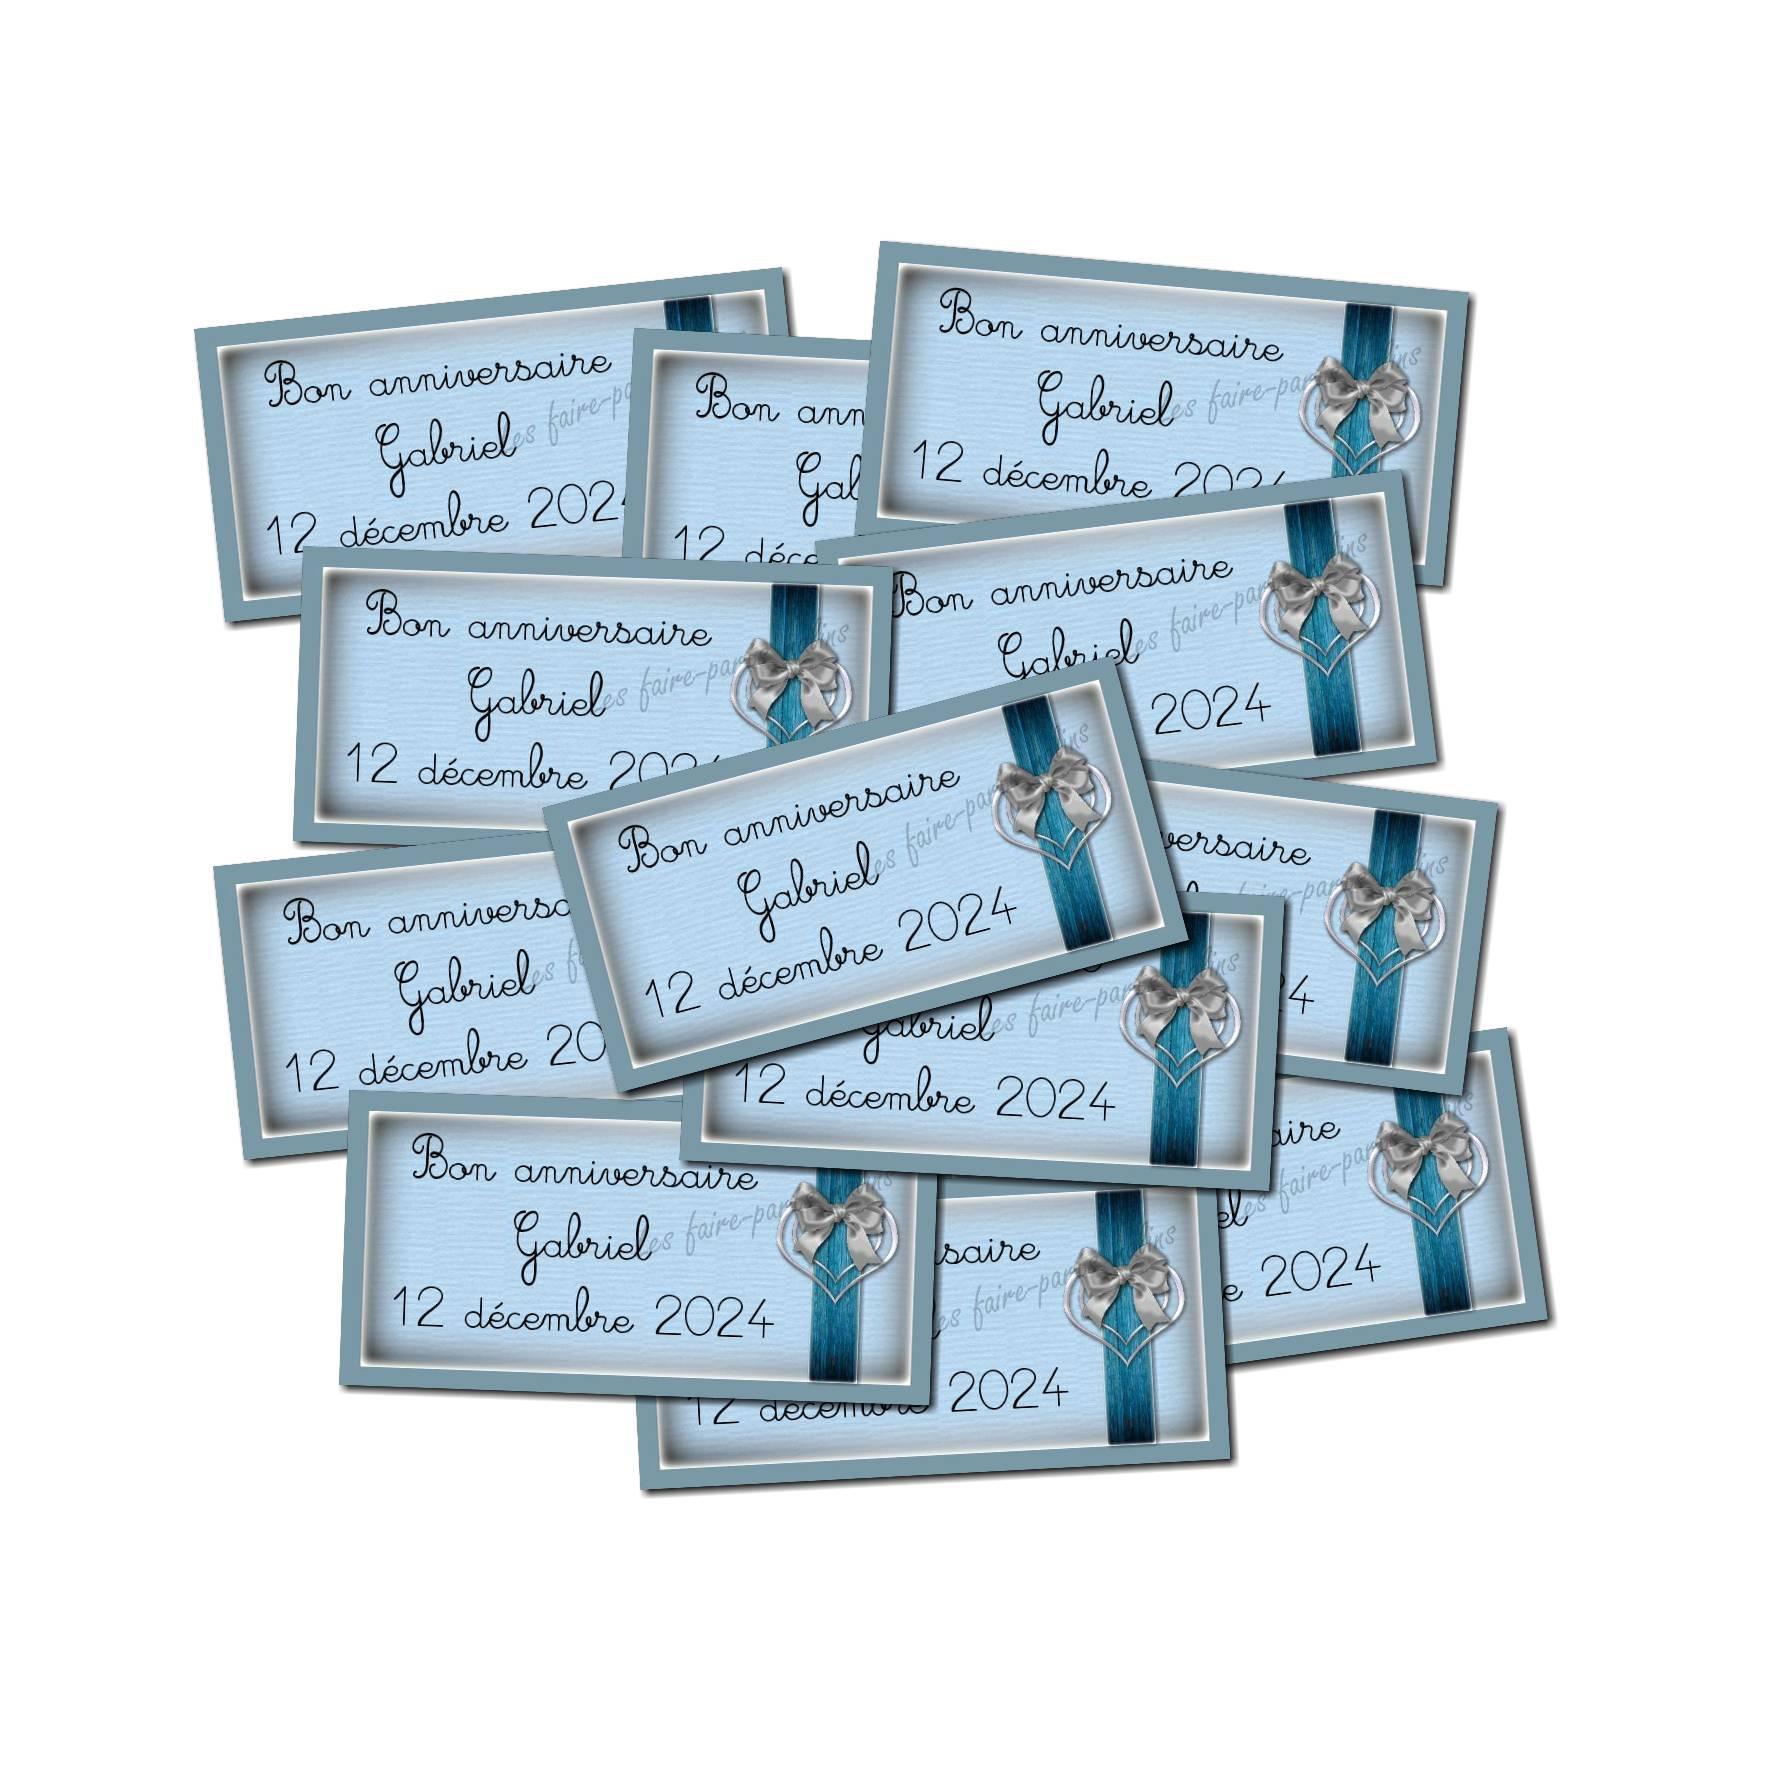 Lot etiquettes dragées bleu et gris ruban entrelacé coeur